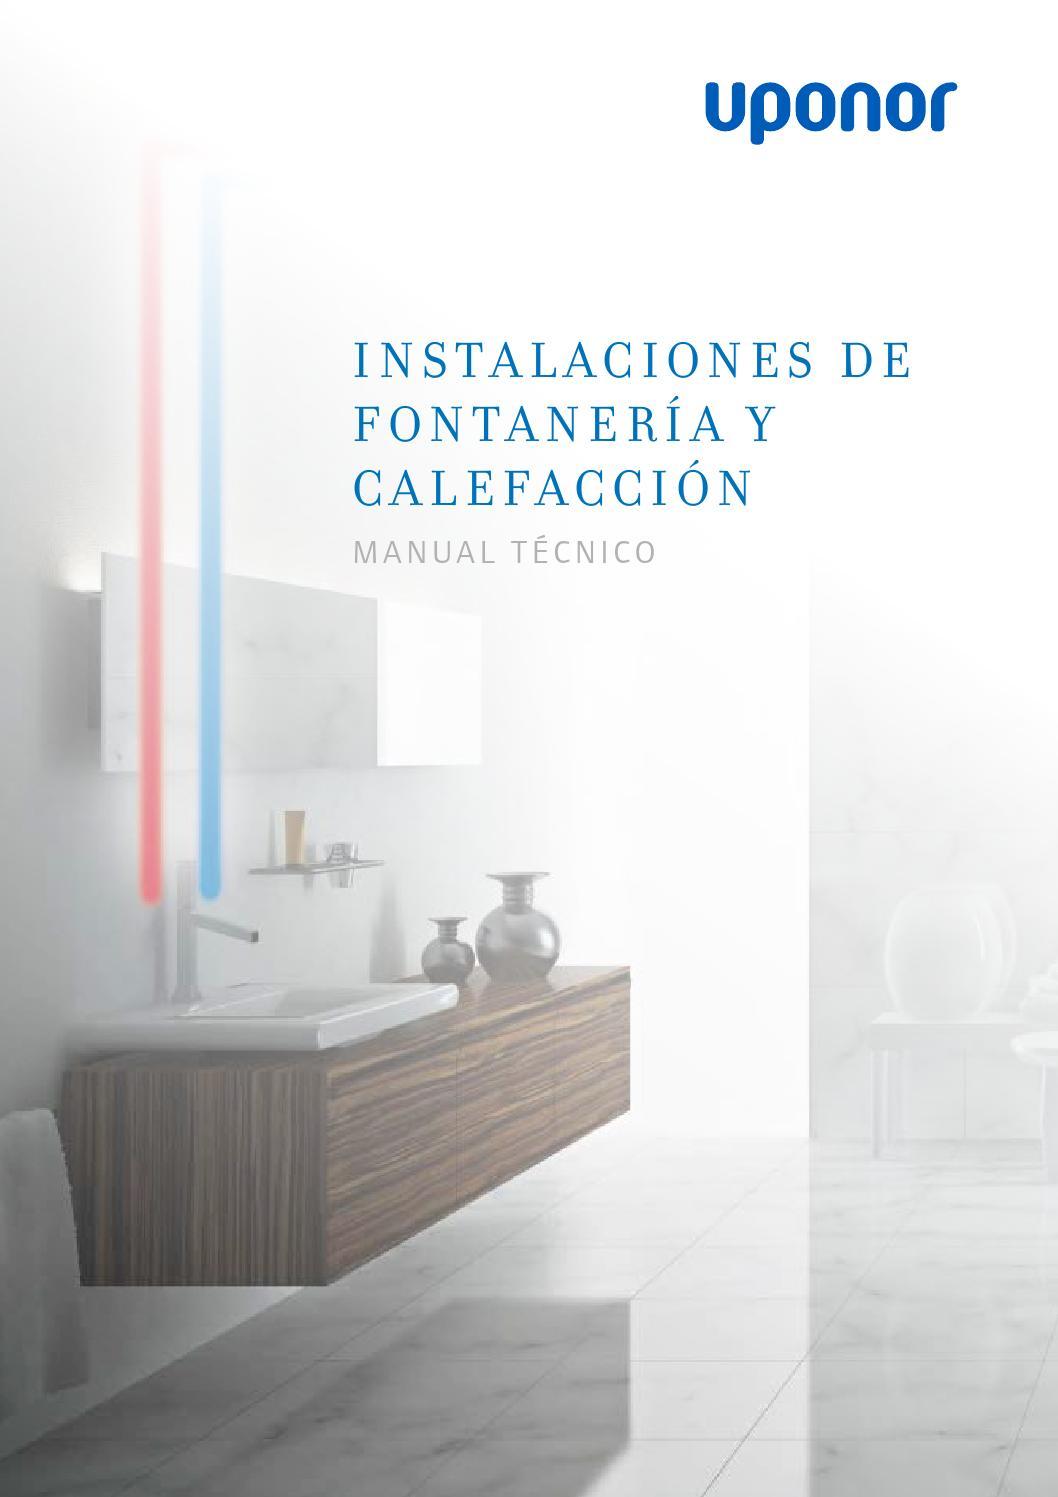 Manual tecnico fontaneria y calefaccion es by uponor Spain - issuu